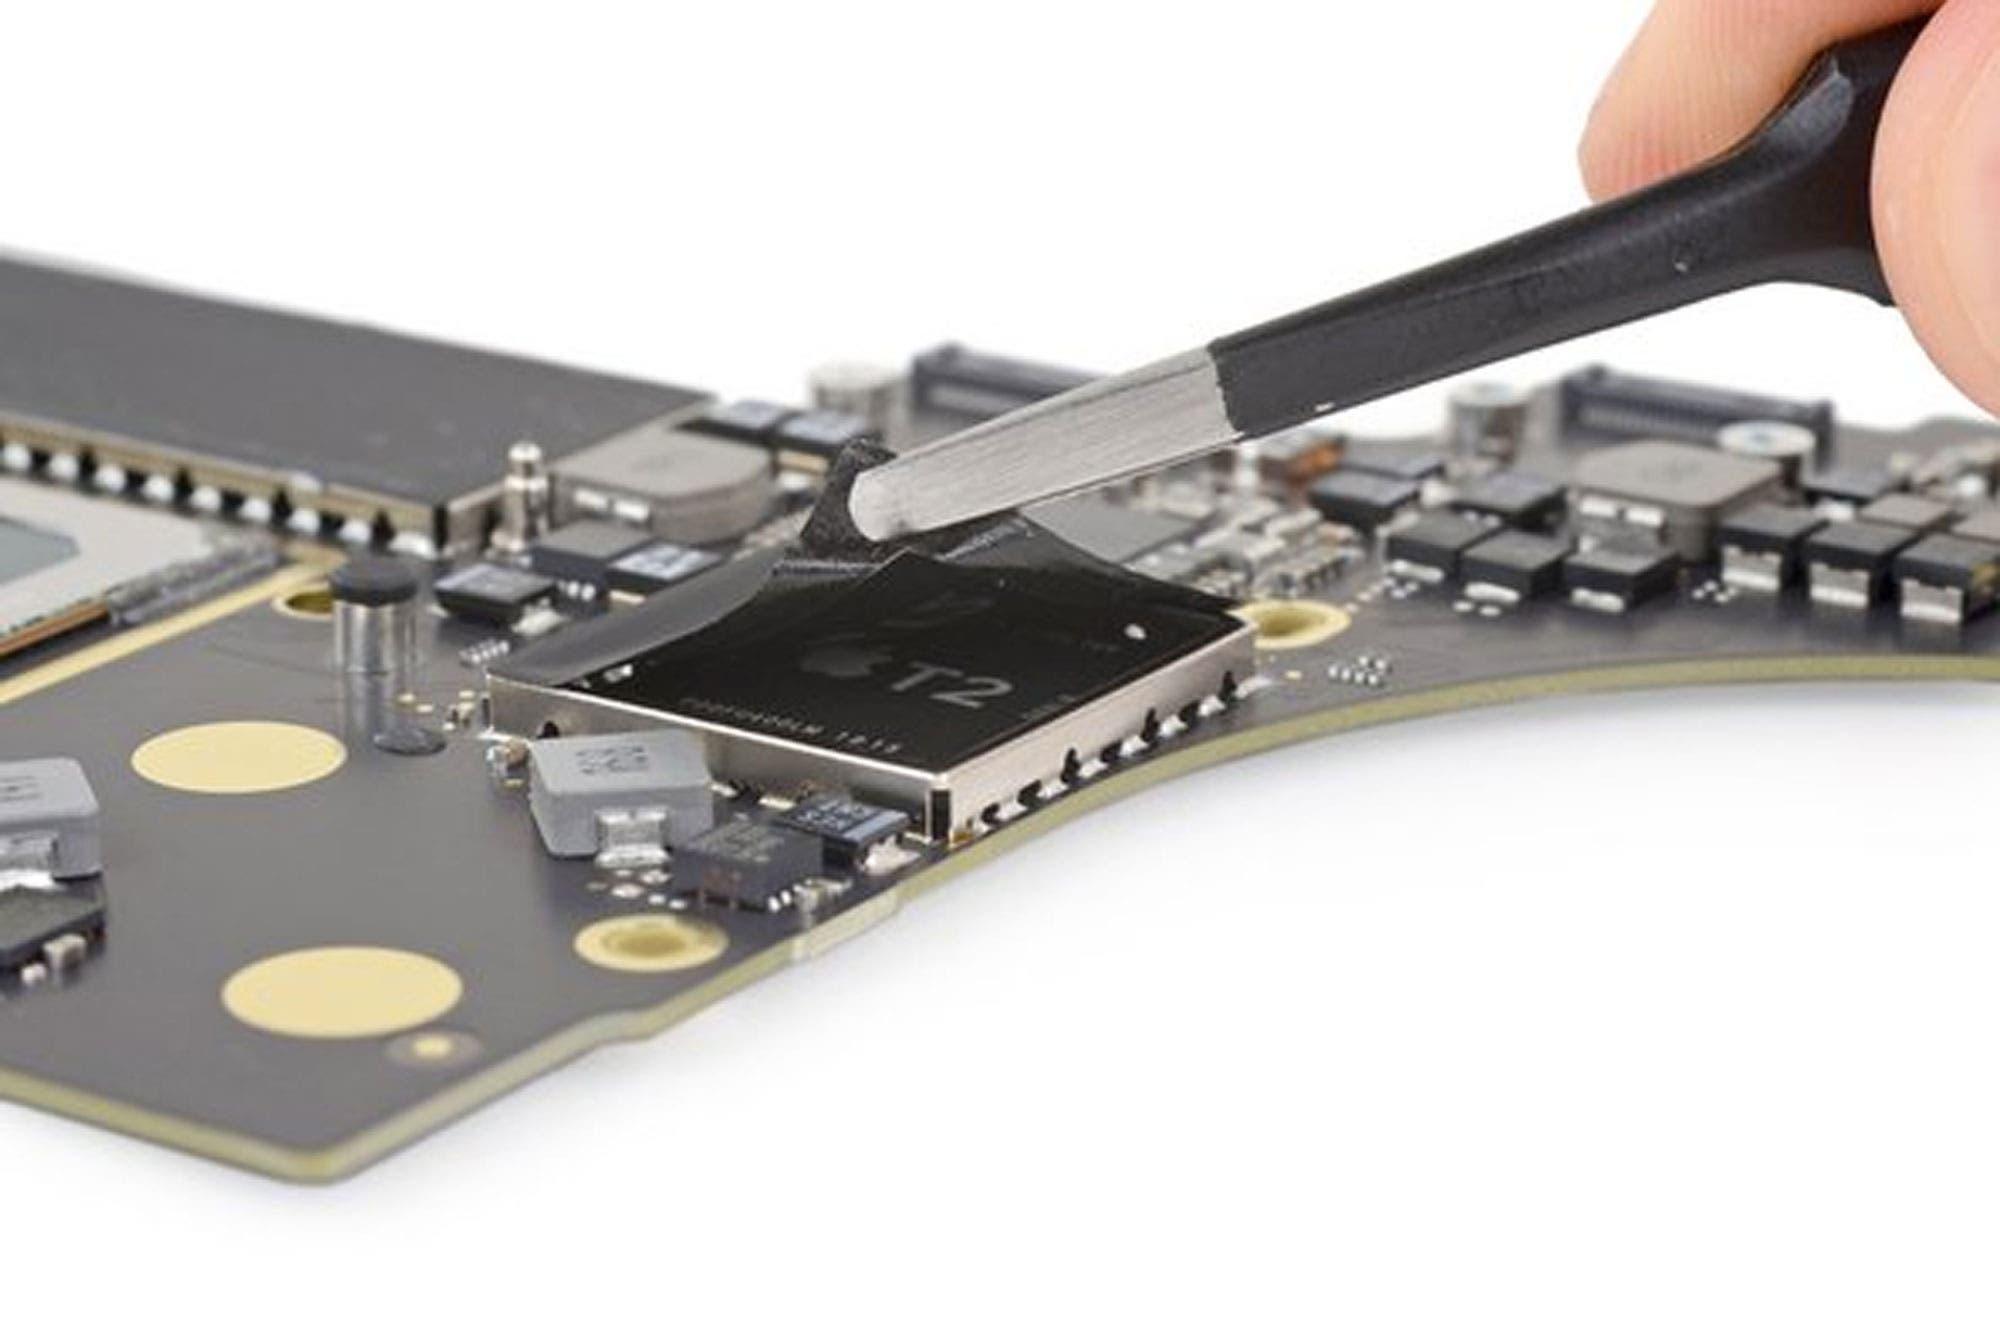 Logran vulnerar la seguridad del chip T2 de las computadoras Mac con un cable USB tipo C modificado